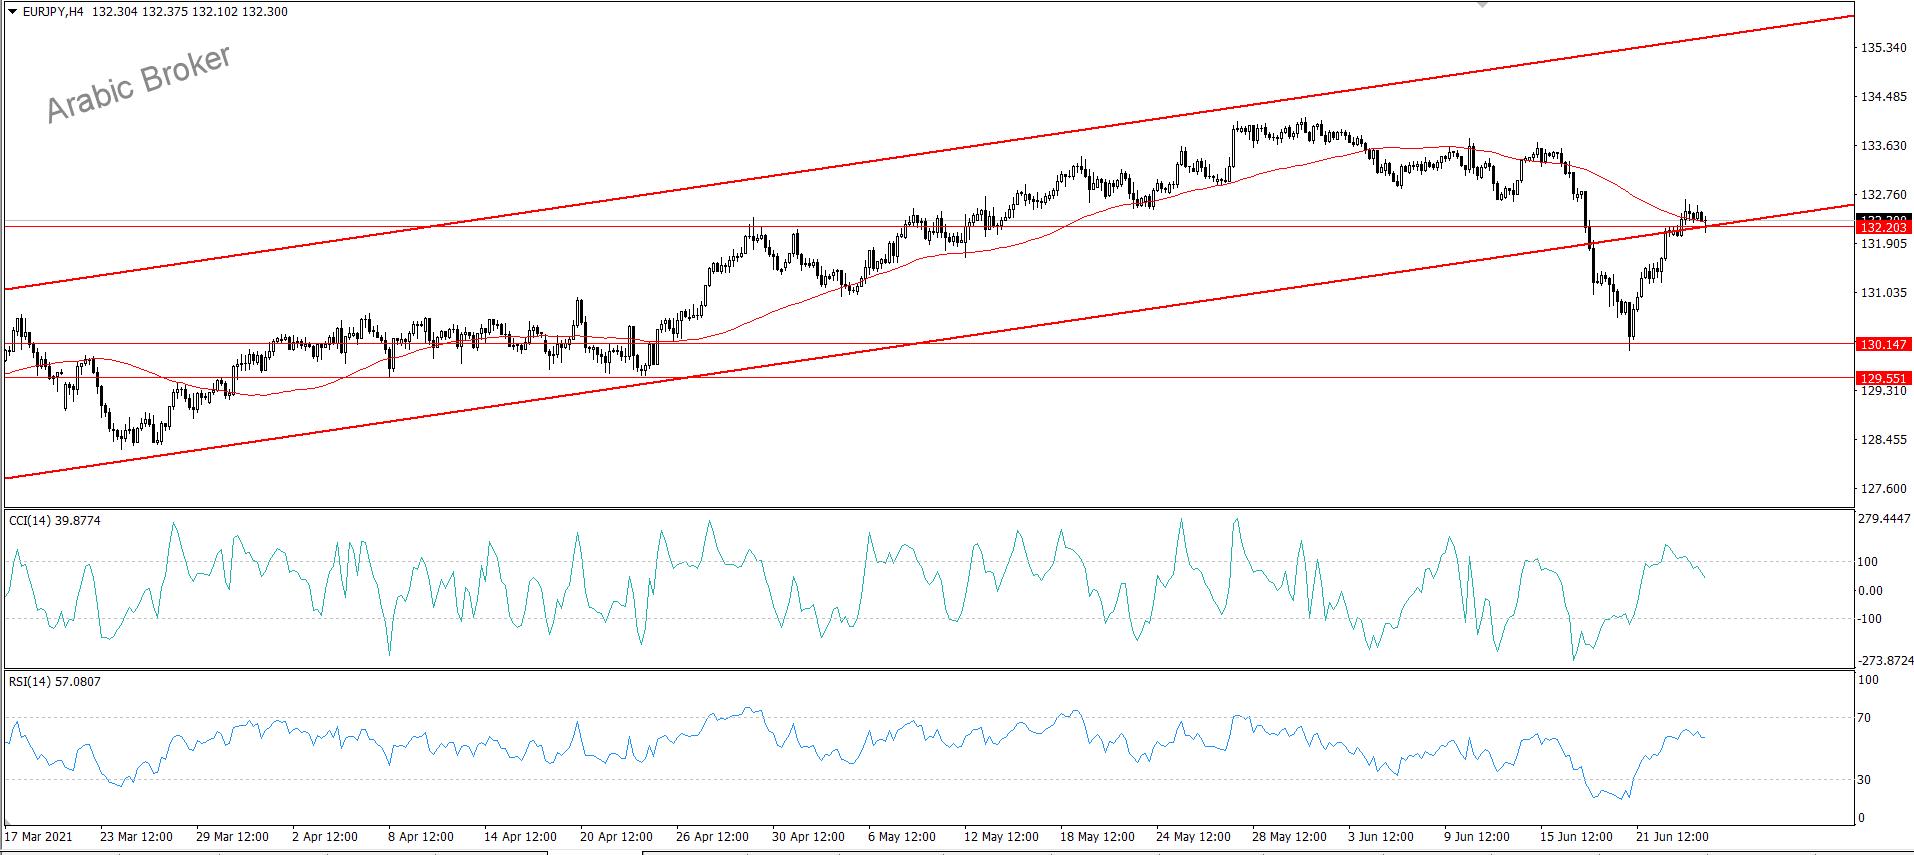 اليورو ين والقناه المكسوره